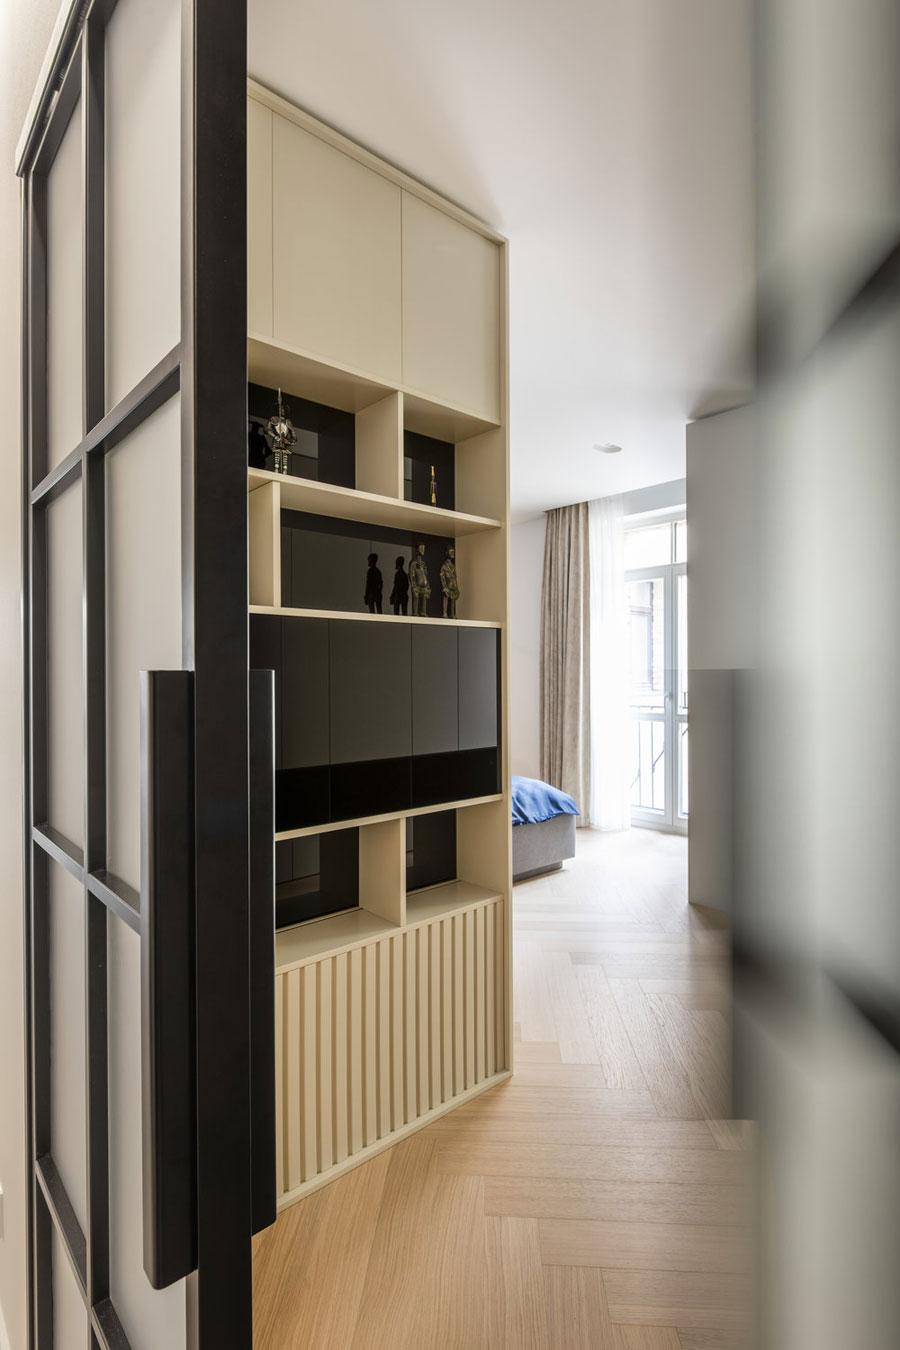 In deze strakke moderne slaapkamer hebben ze hele mooie maatkasten gebouwd